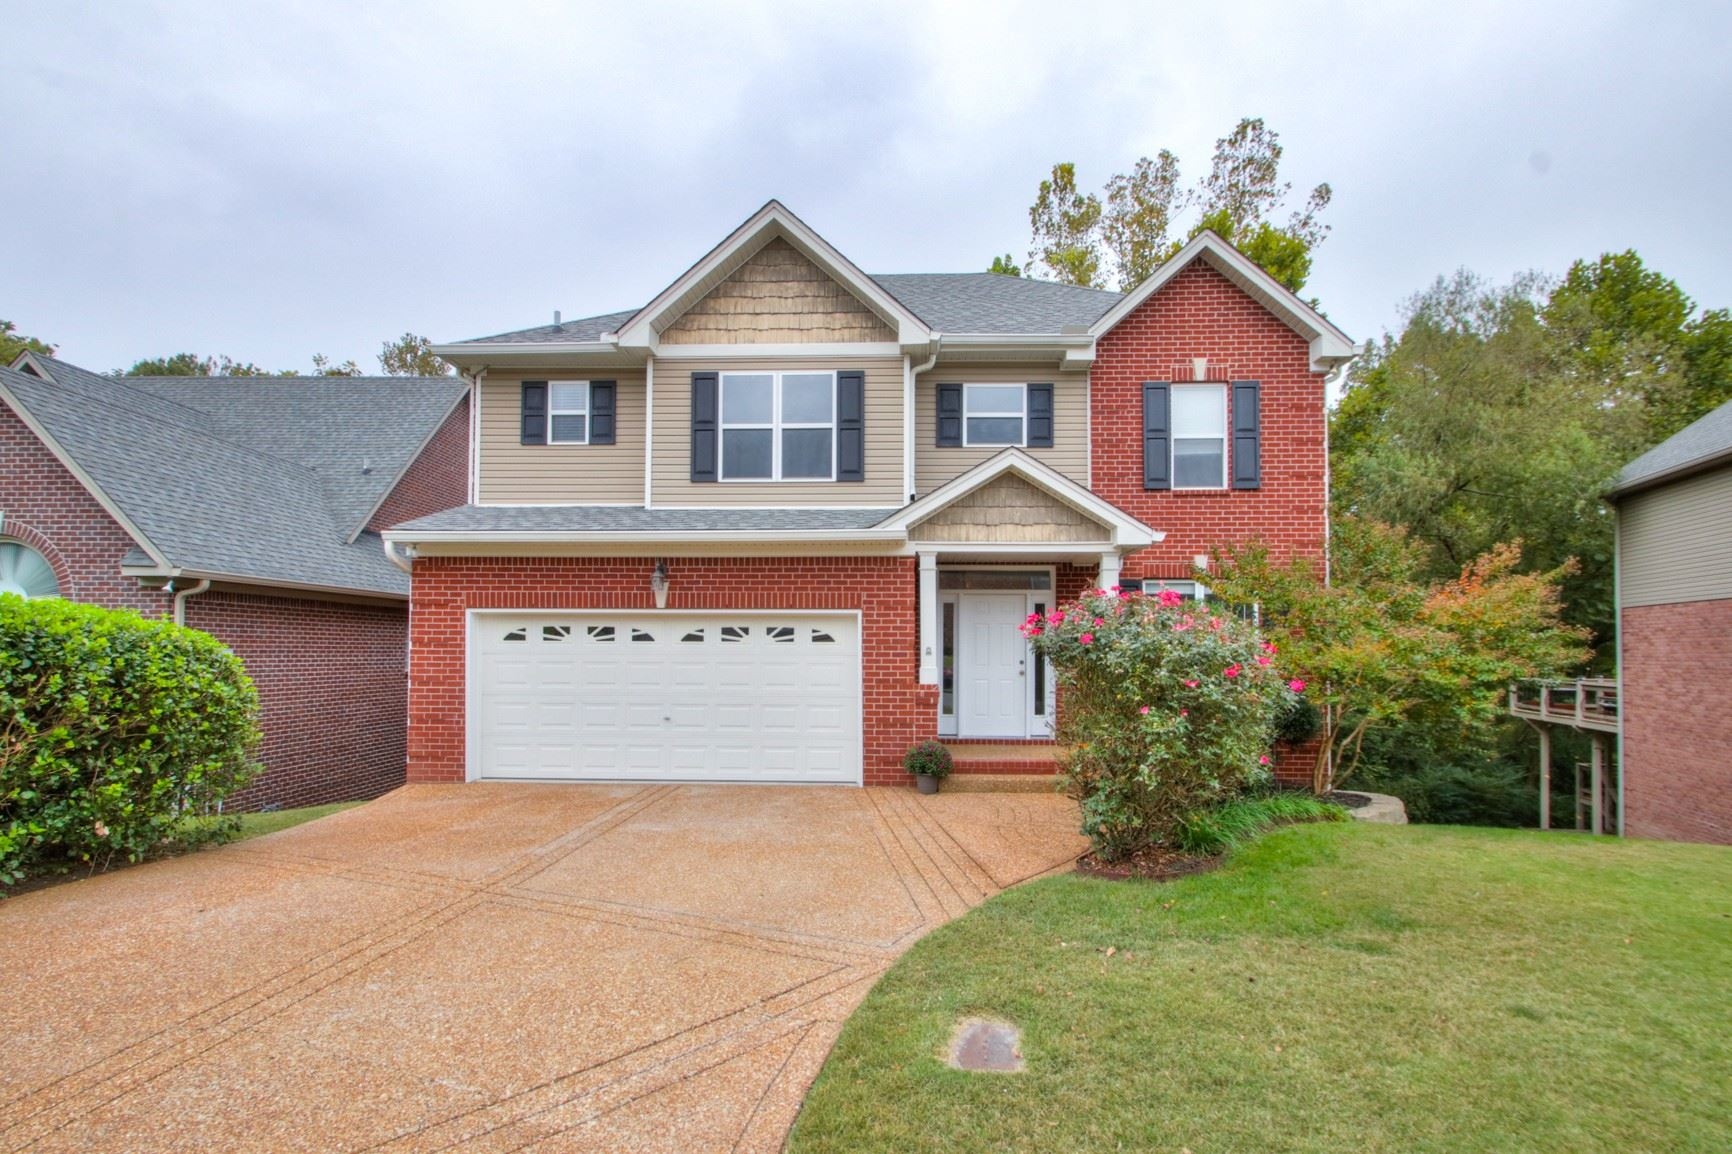 5032 Walden Woods Dr, Hermitage, TN 37076 - MLS#: 2195359